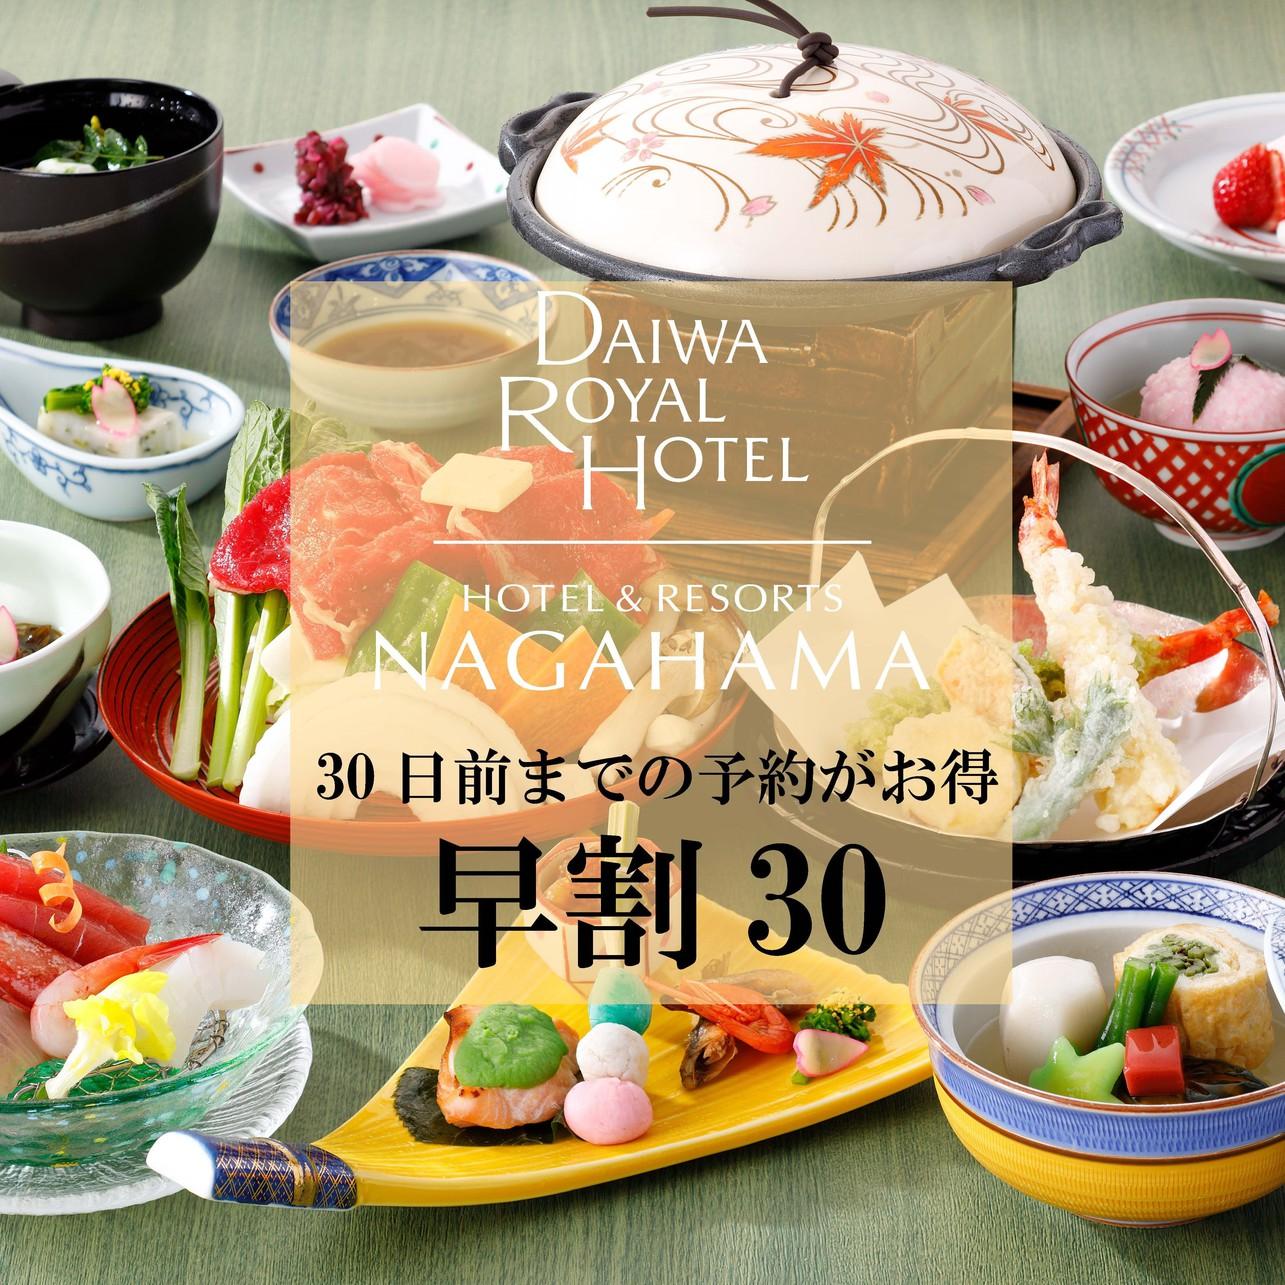 ■★【30日前】★早期予約がお得!日本料理を愉しむ〜夕・朝食付きプラン〜